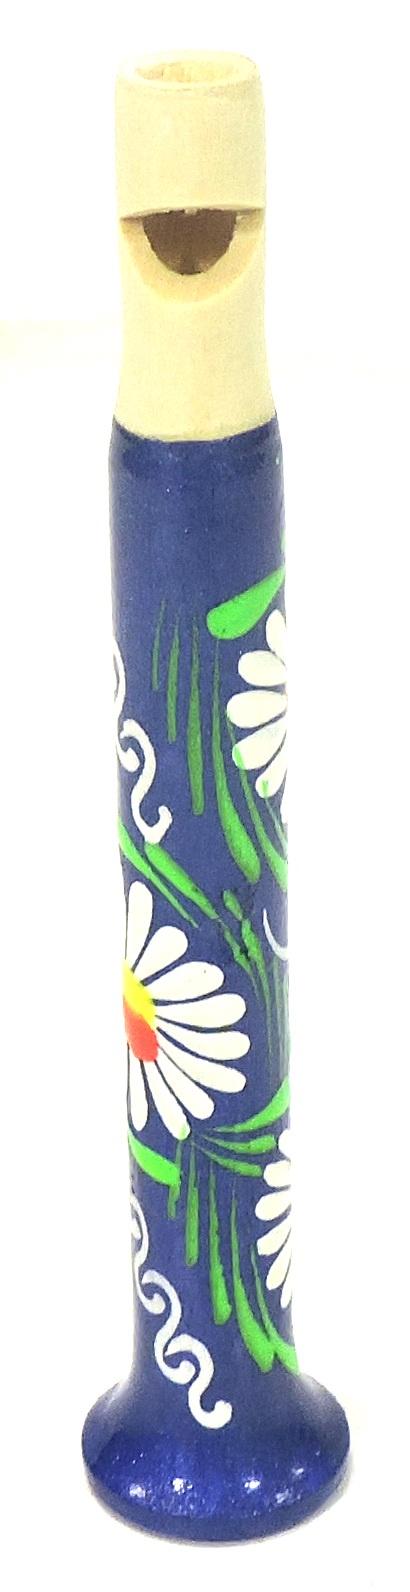 Игрушка детская Taowa Дудка, синий